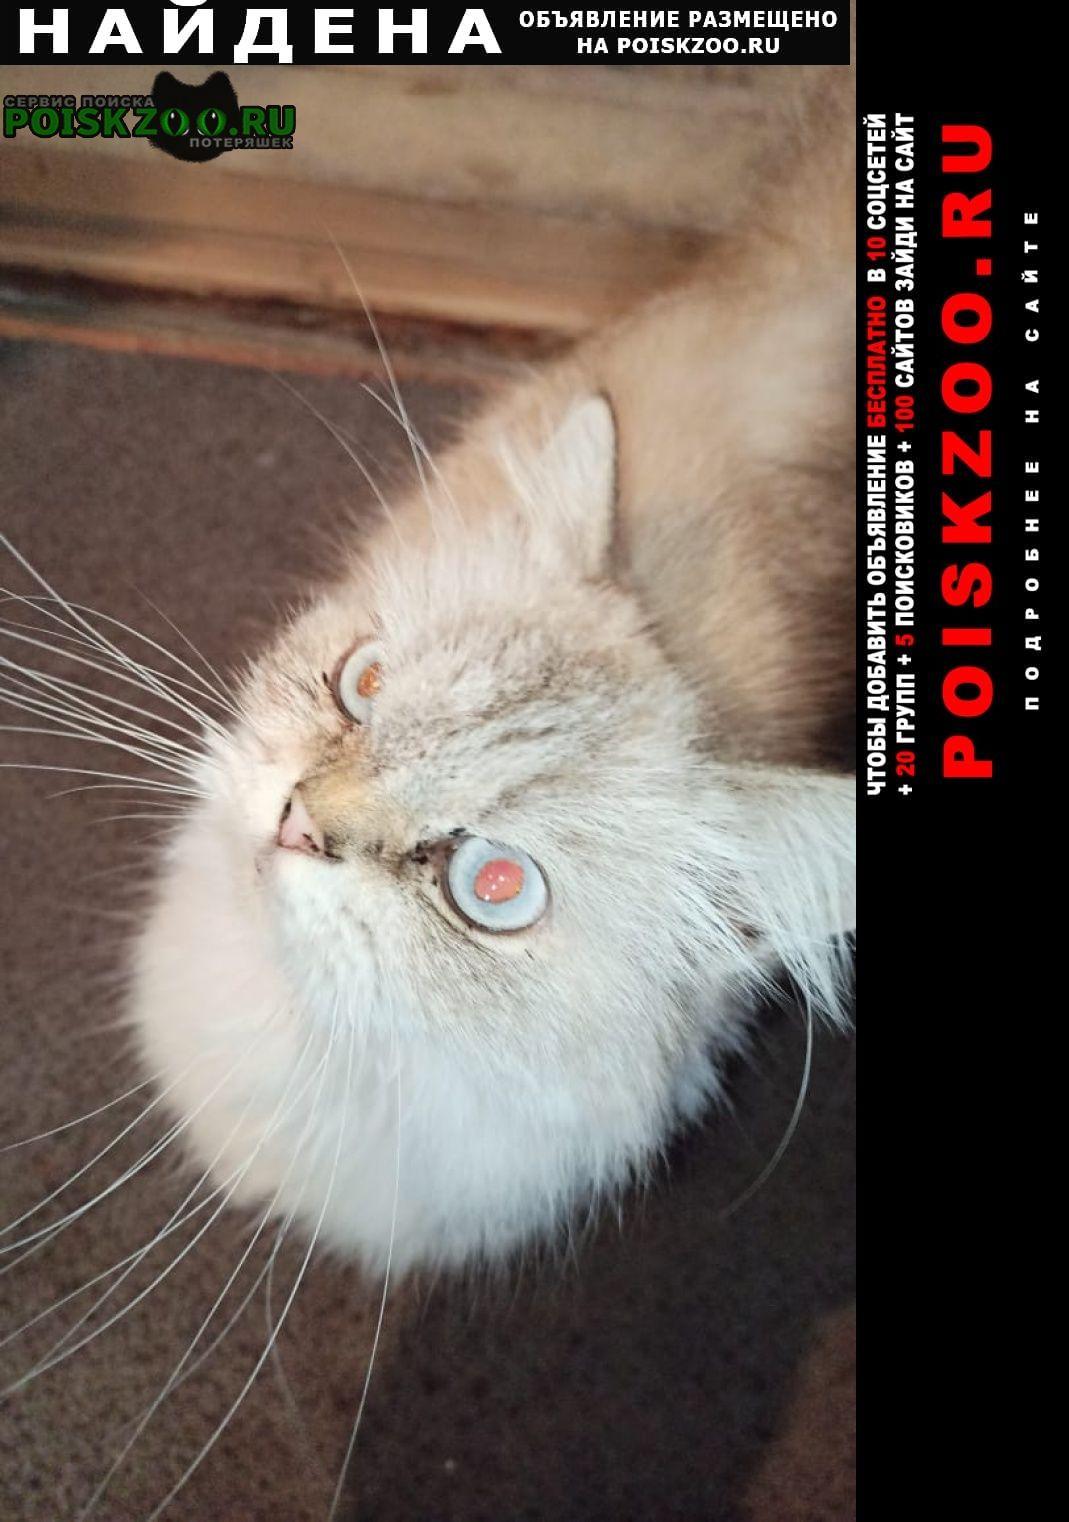 Найдена кошка Ейск